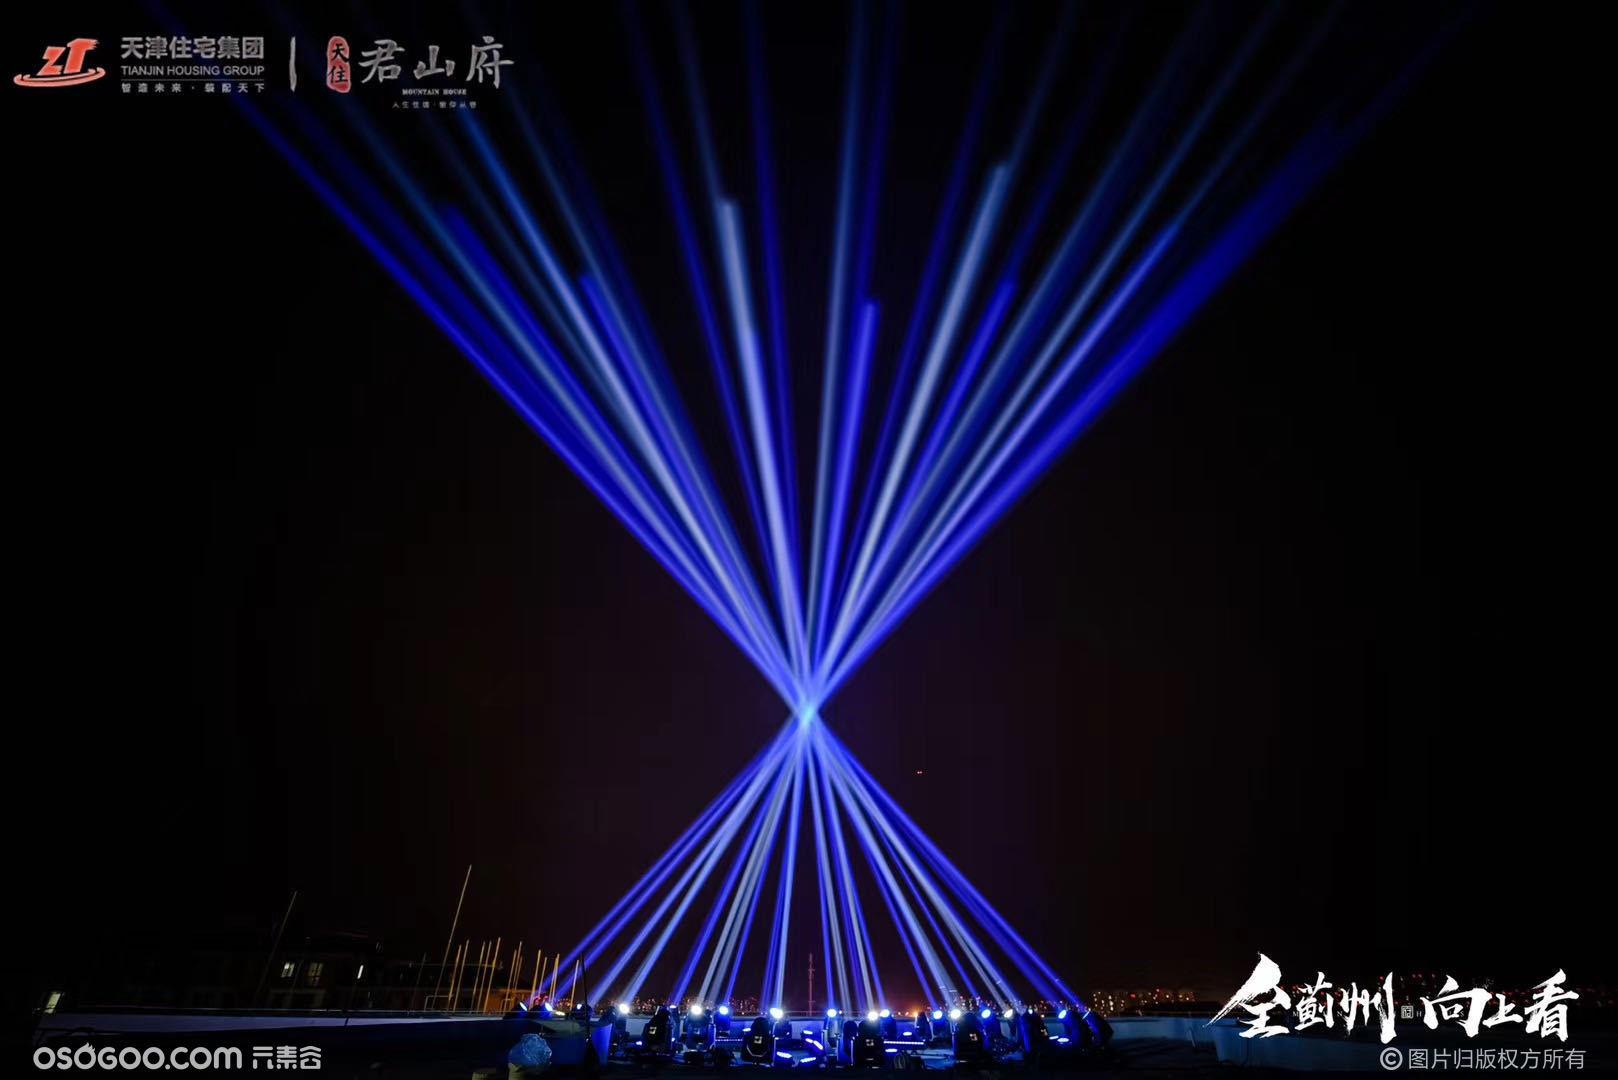 6月6日·天津蓟县天住·君山府  科技·飞行球  启动仪式